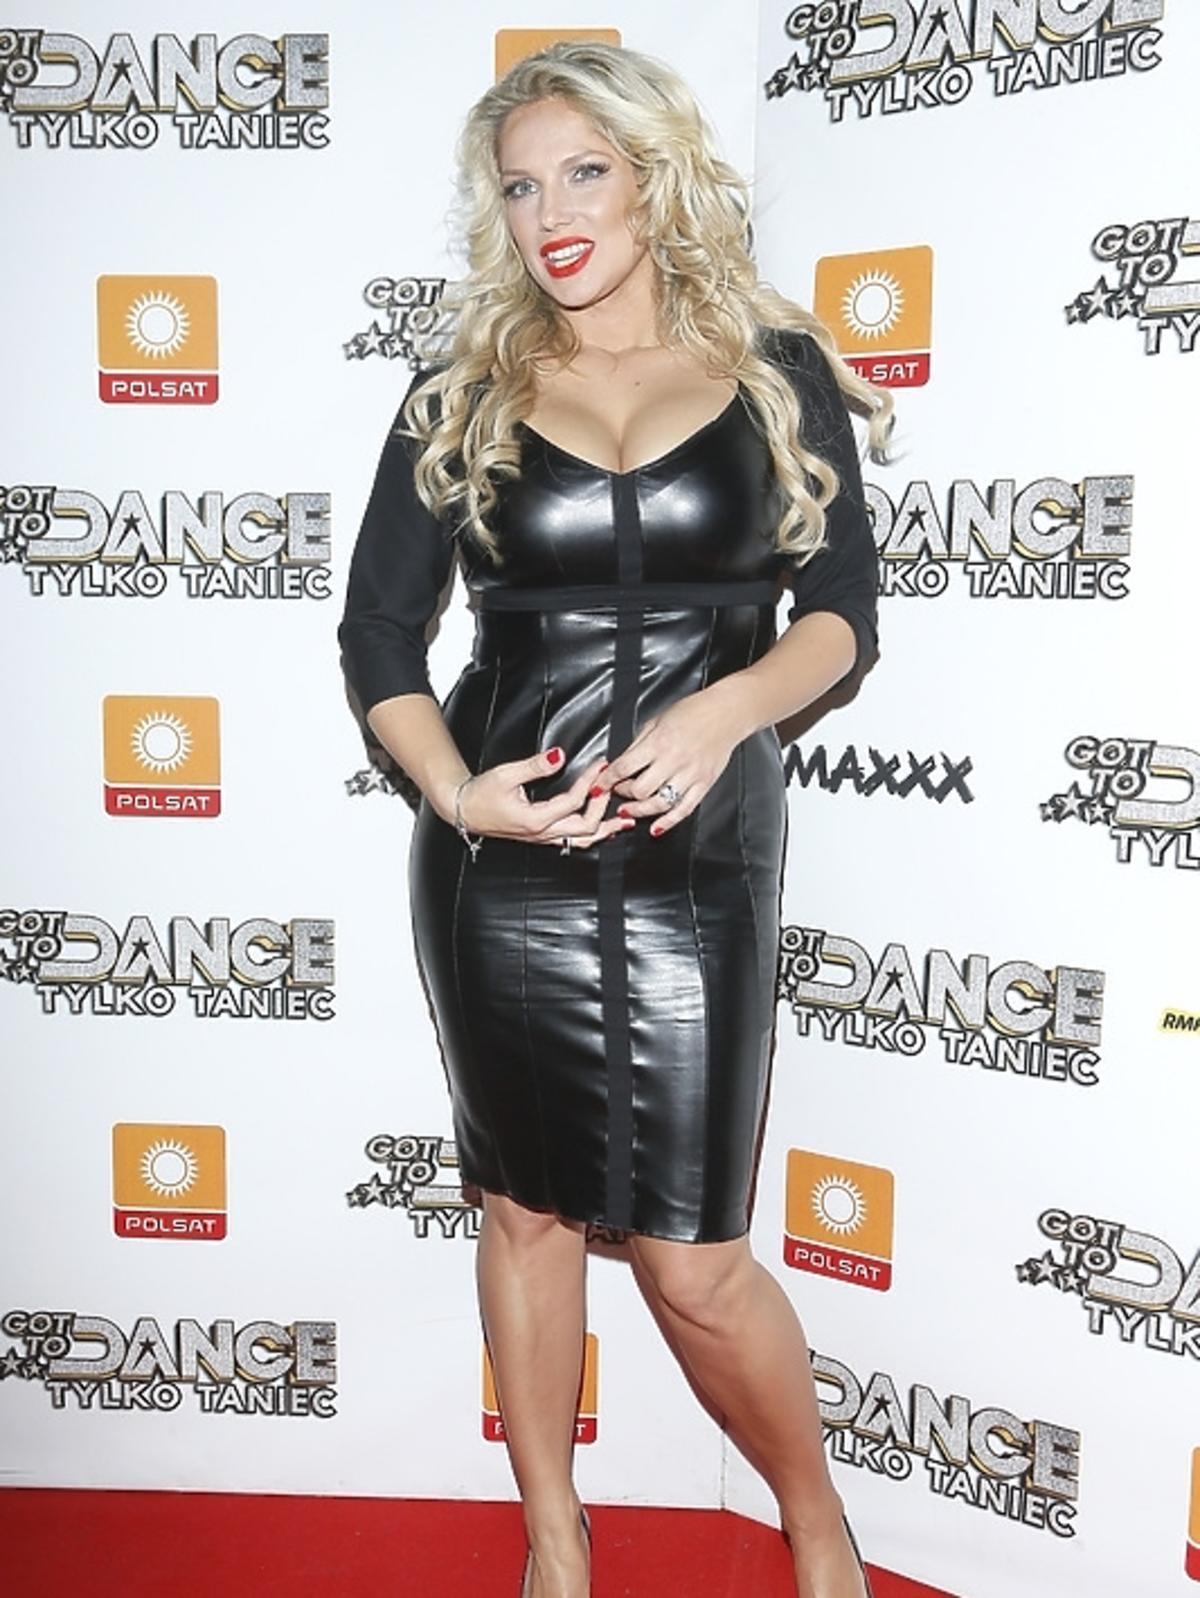 Joanna Liszowska po ciąży na planie Got to Dance